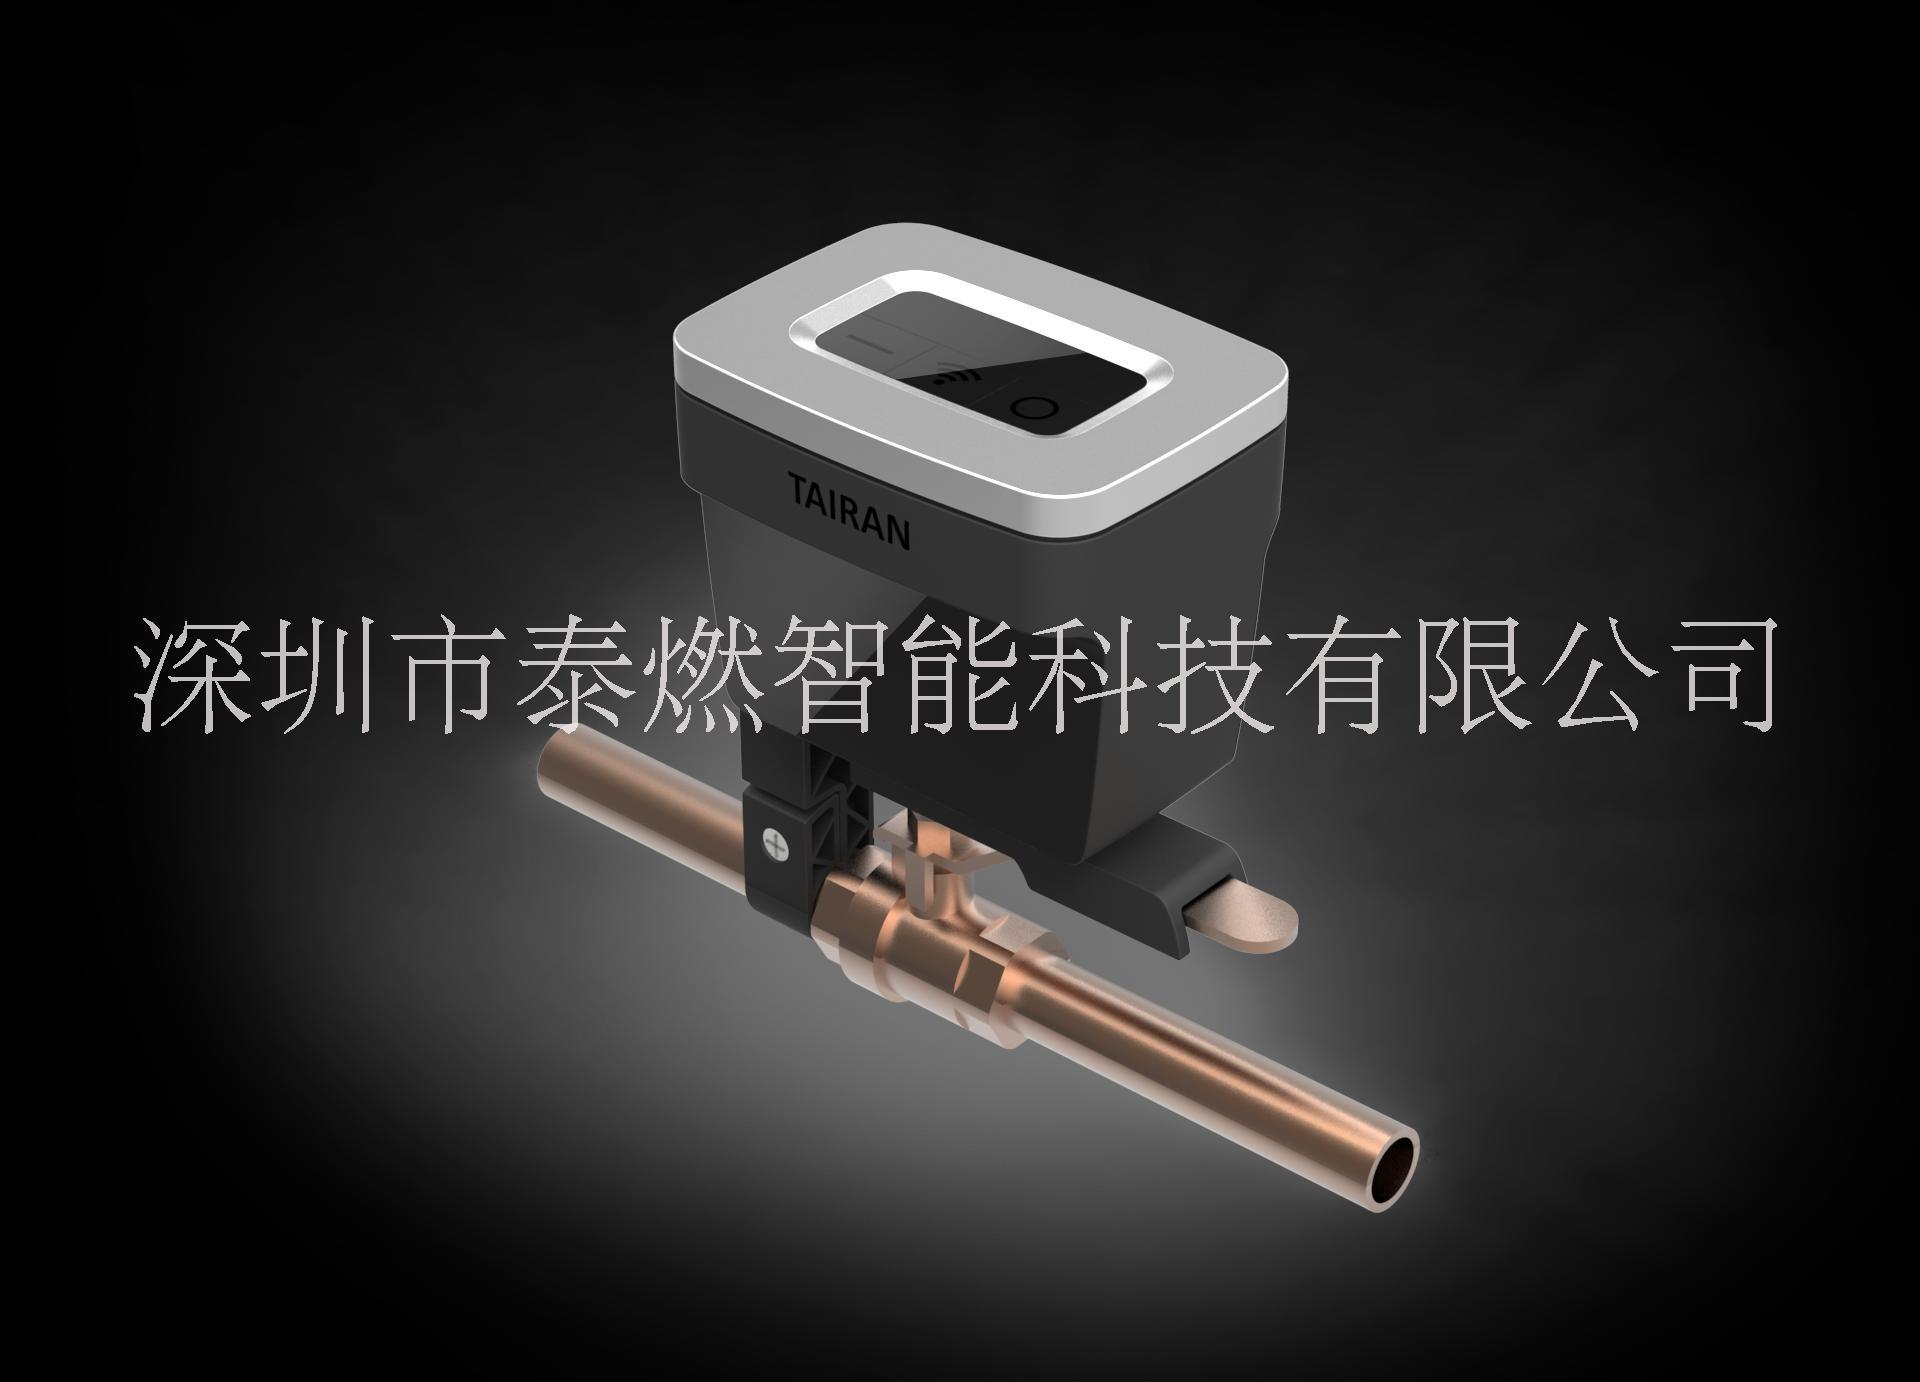 燃气泄漏智能监控与远程控制系统销售